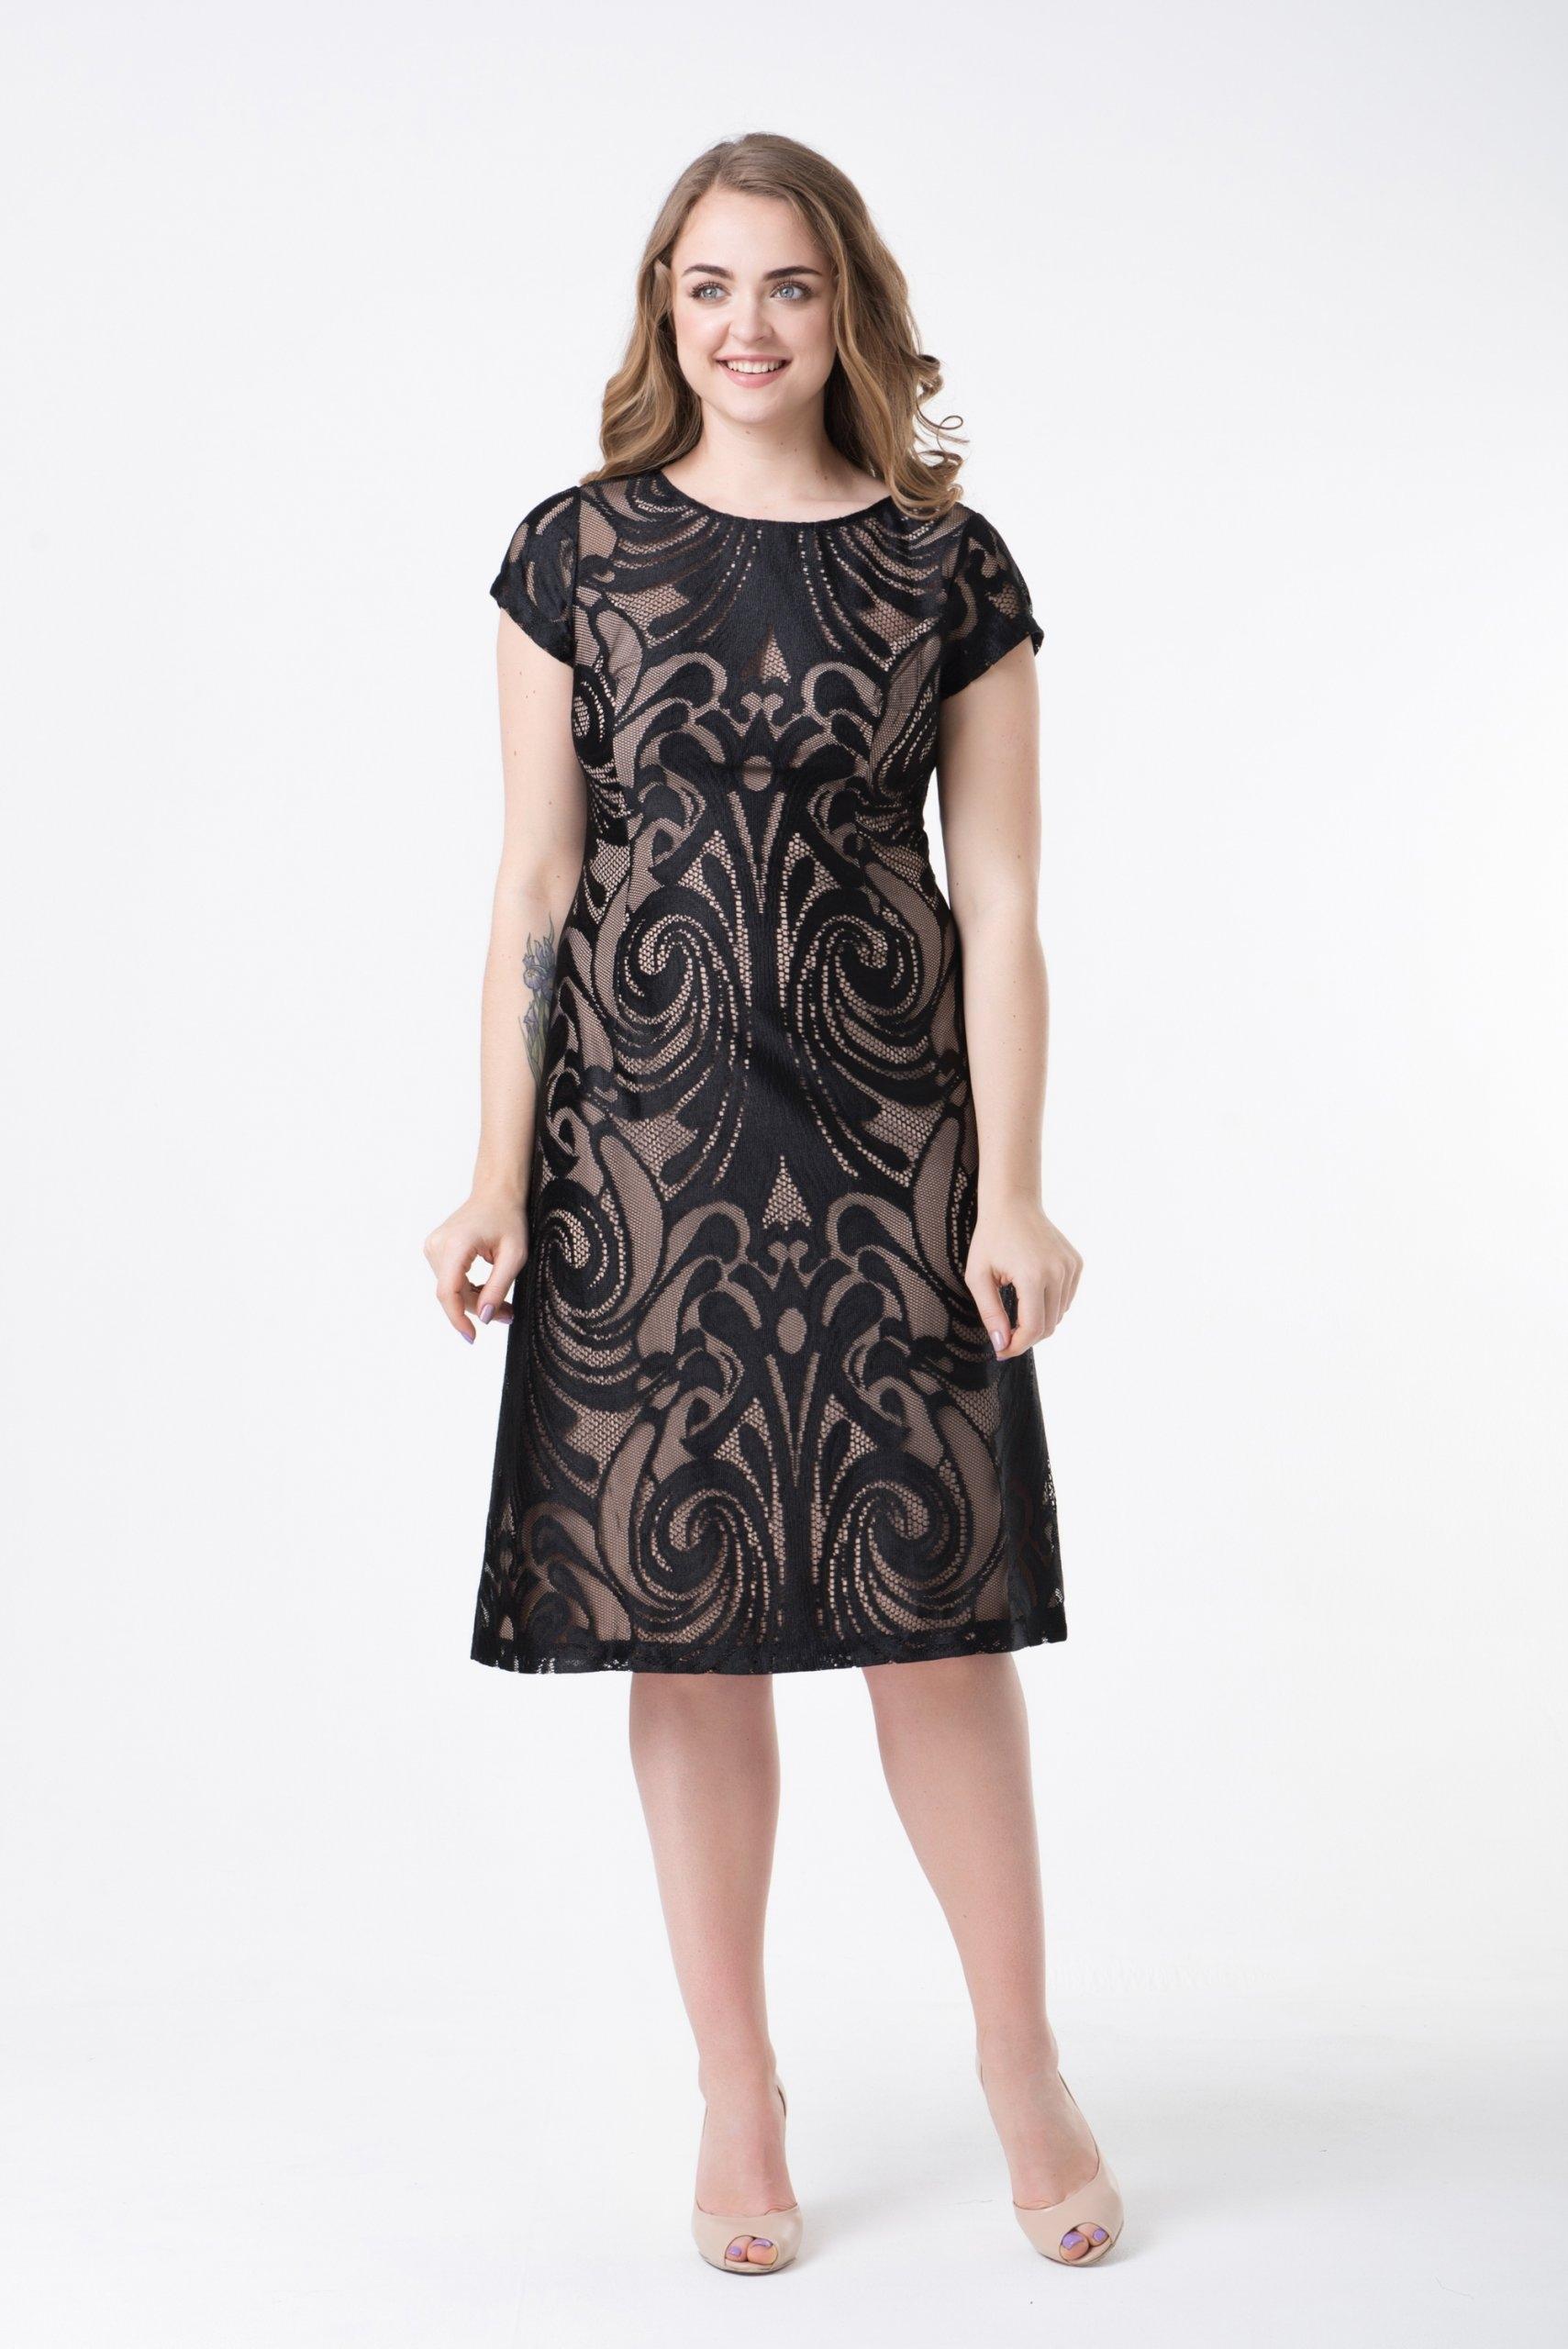 ff30eb90c0 Sukienki na wesele  wieczorowe z koronki czarna XL - 7387417367 ...